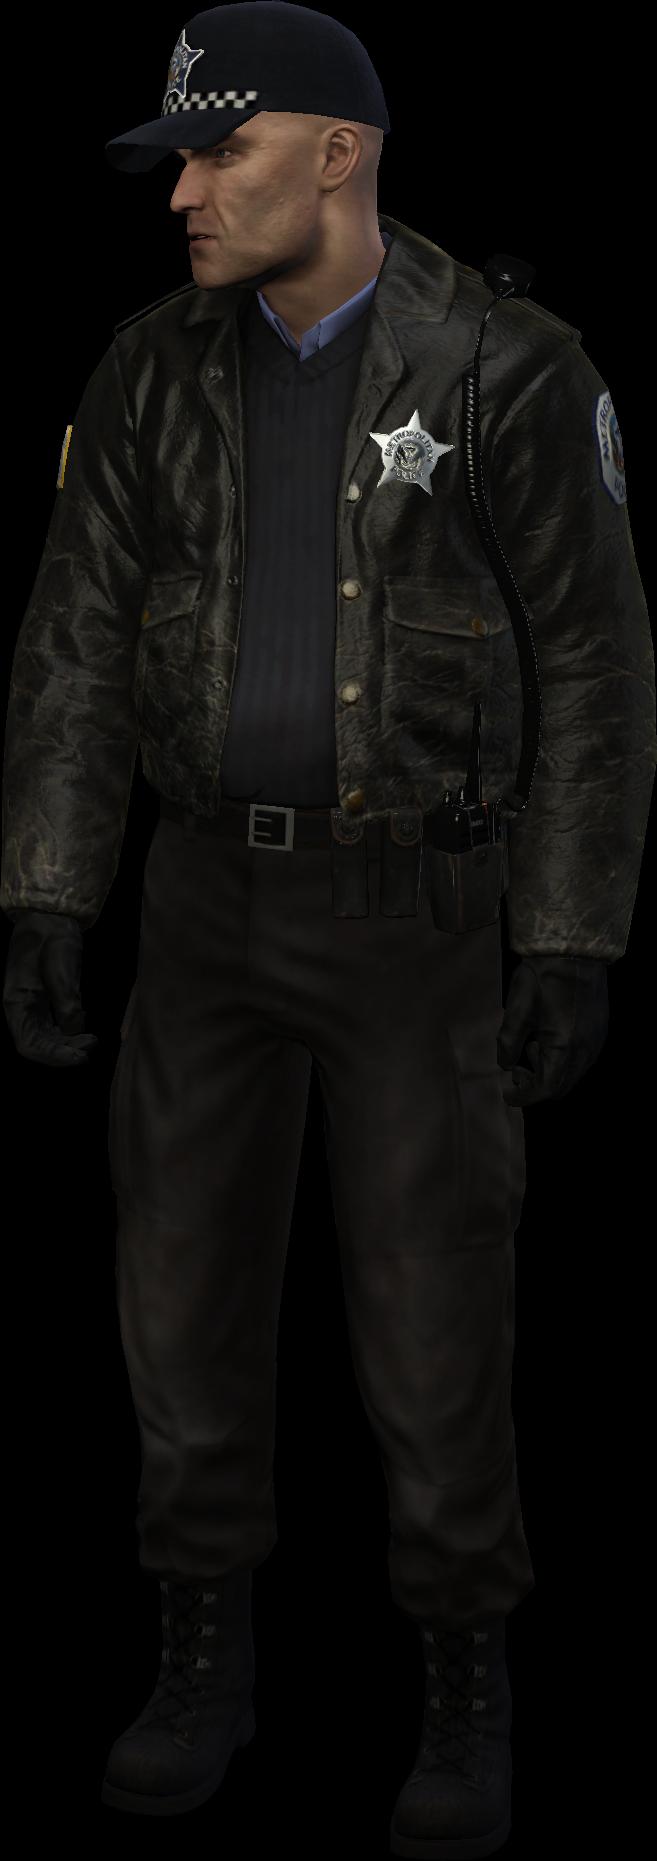 Policeman PNG Image